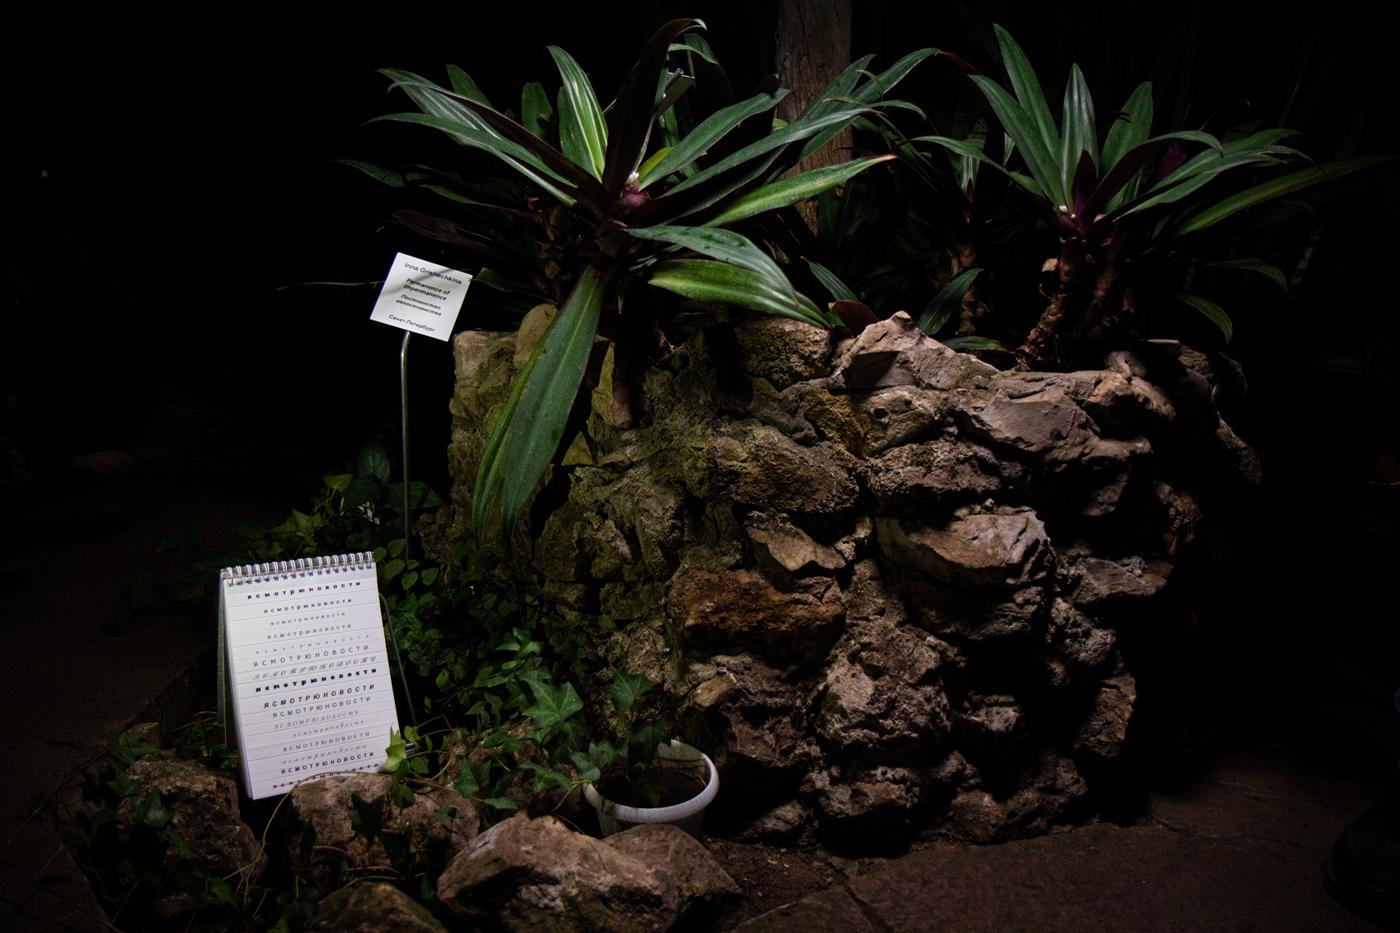 Вид на экспозицию выставки «Повседневные эпизоды», оранжерея ботанического сада Самарского университета. Автор фото - Кри